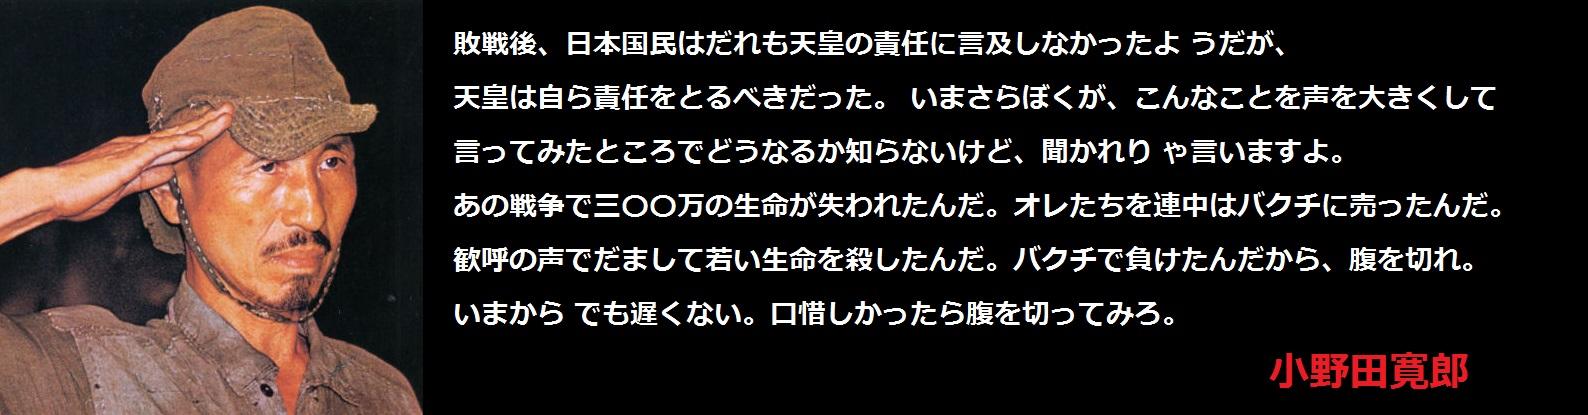 f:id:JAPbuster:20170213015009j:plain